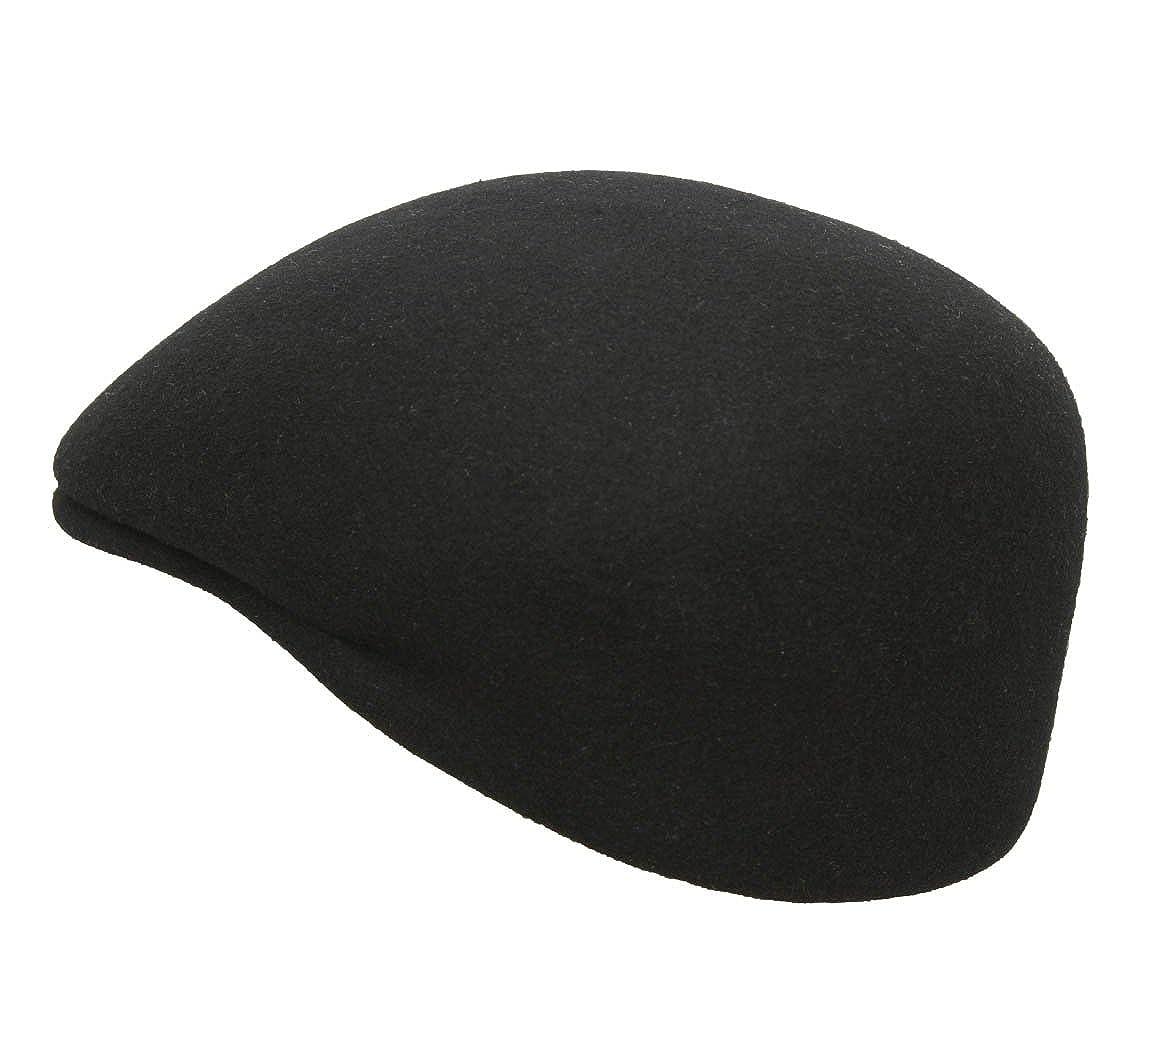 Classic Italy Bomb/ée Flat Cap Water Repellent Size 55 cm Black